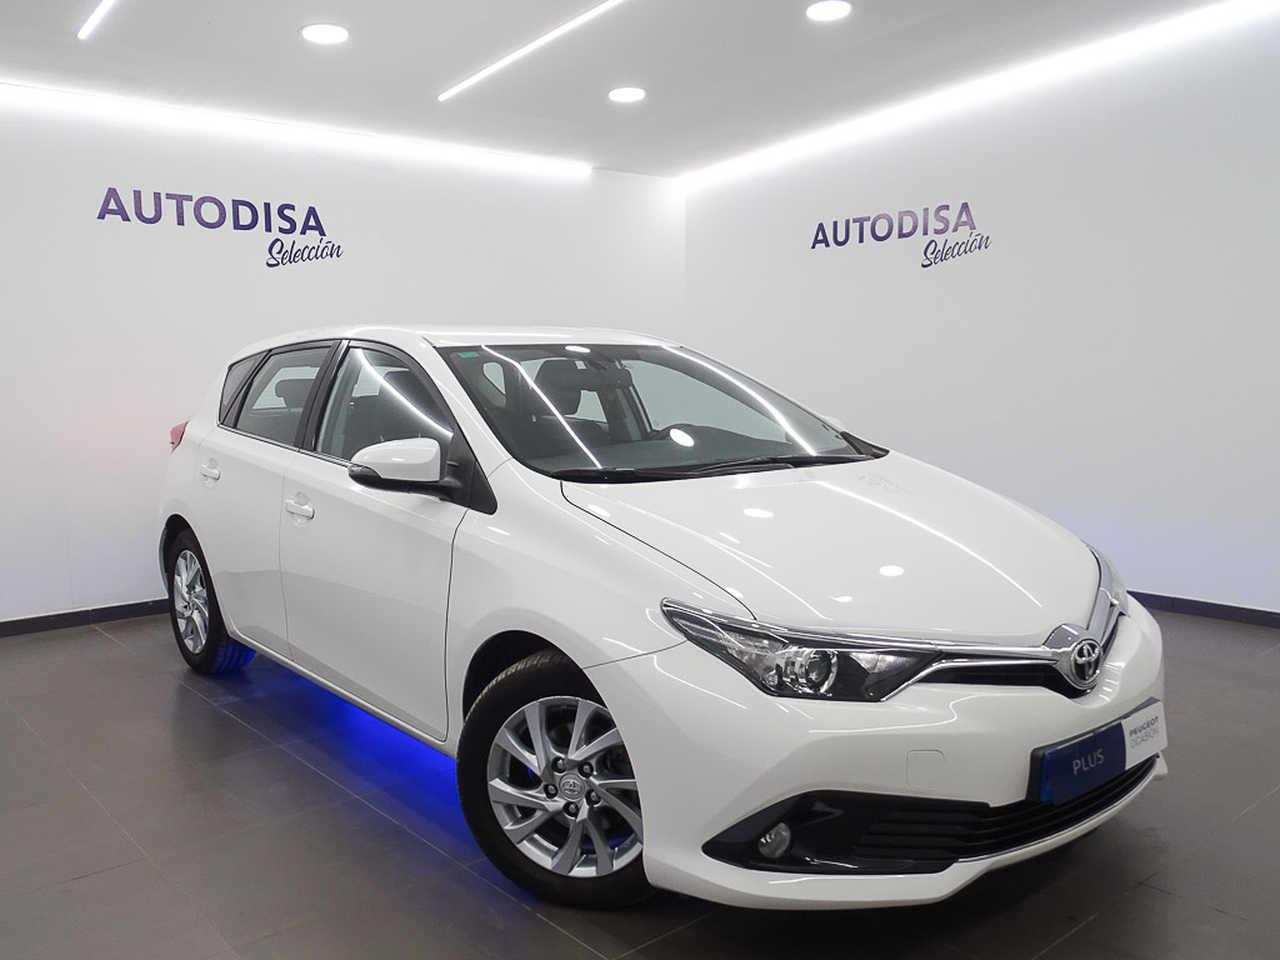 Toyota Auris ocasión segunda mano 2015 Diésel por 11.495€ en Valencia